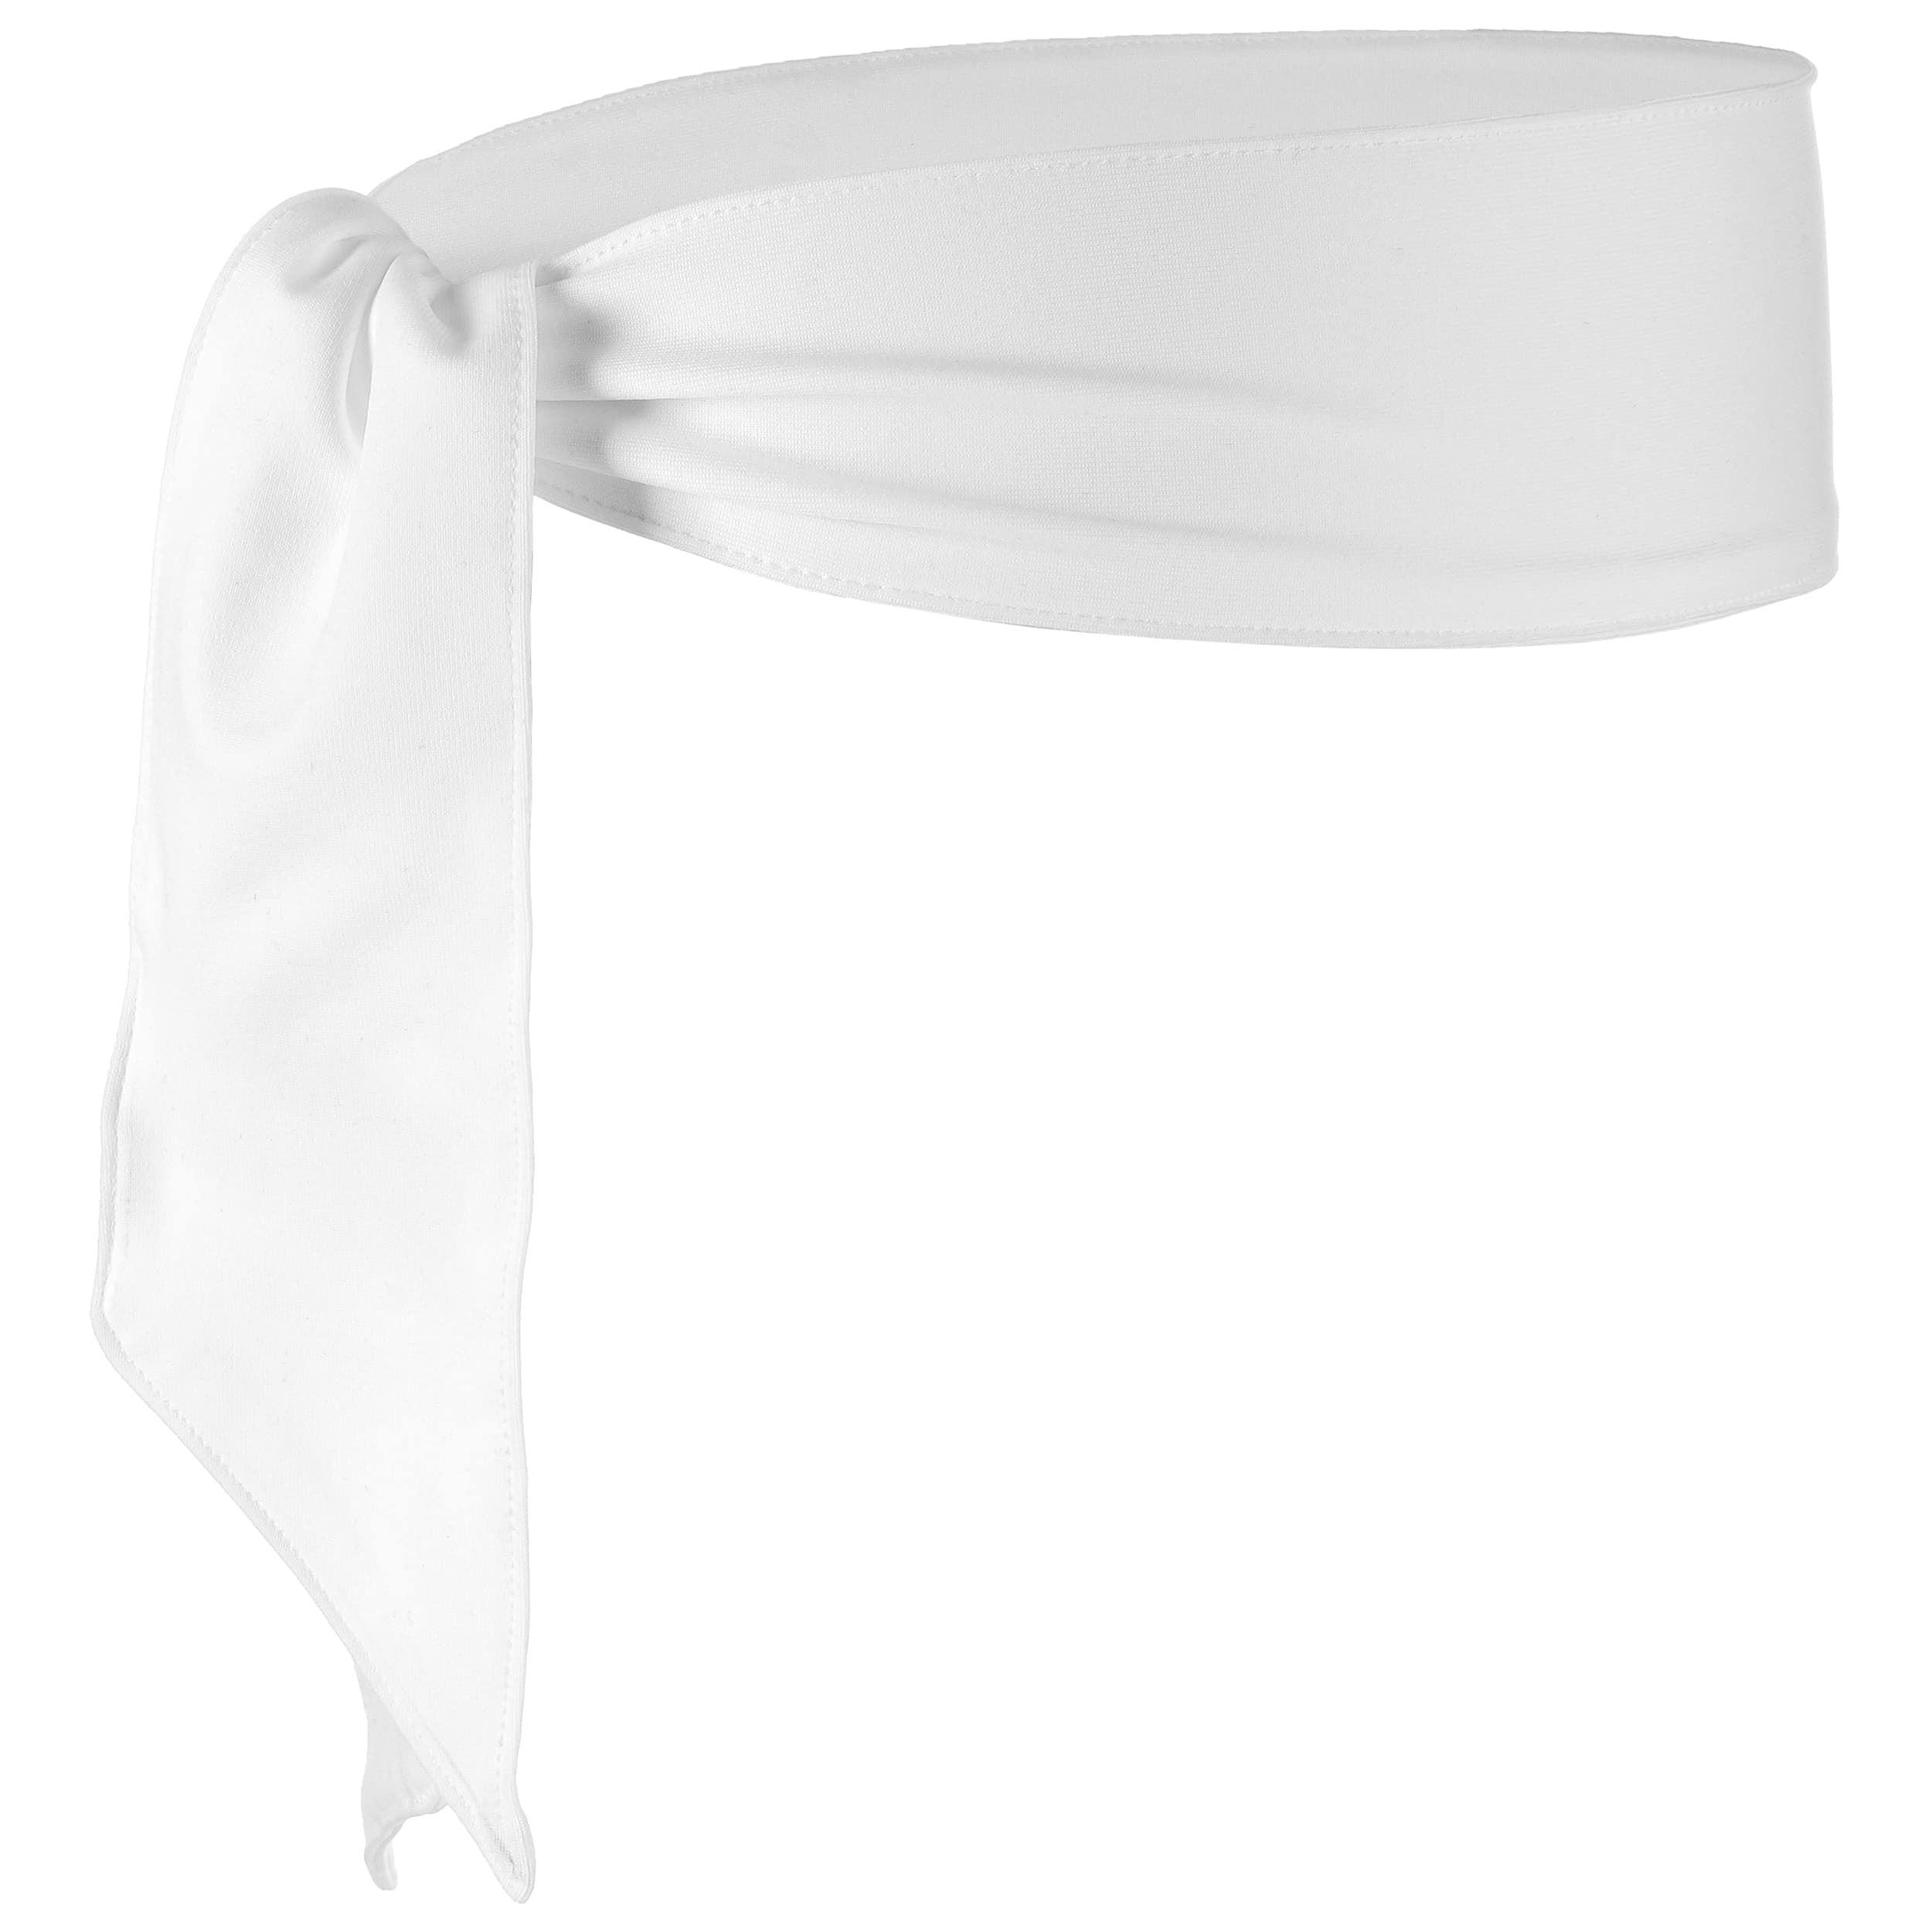 ... Fascia Nike Dri-Fit Head Tie 2.0 by Nike - bianco 1 ... 170eeea5d944